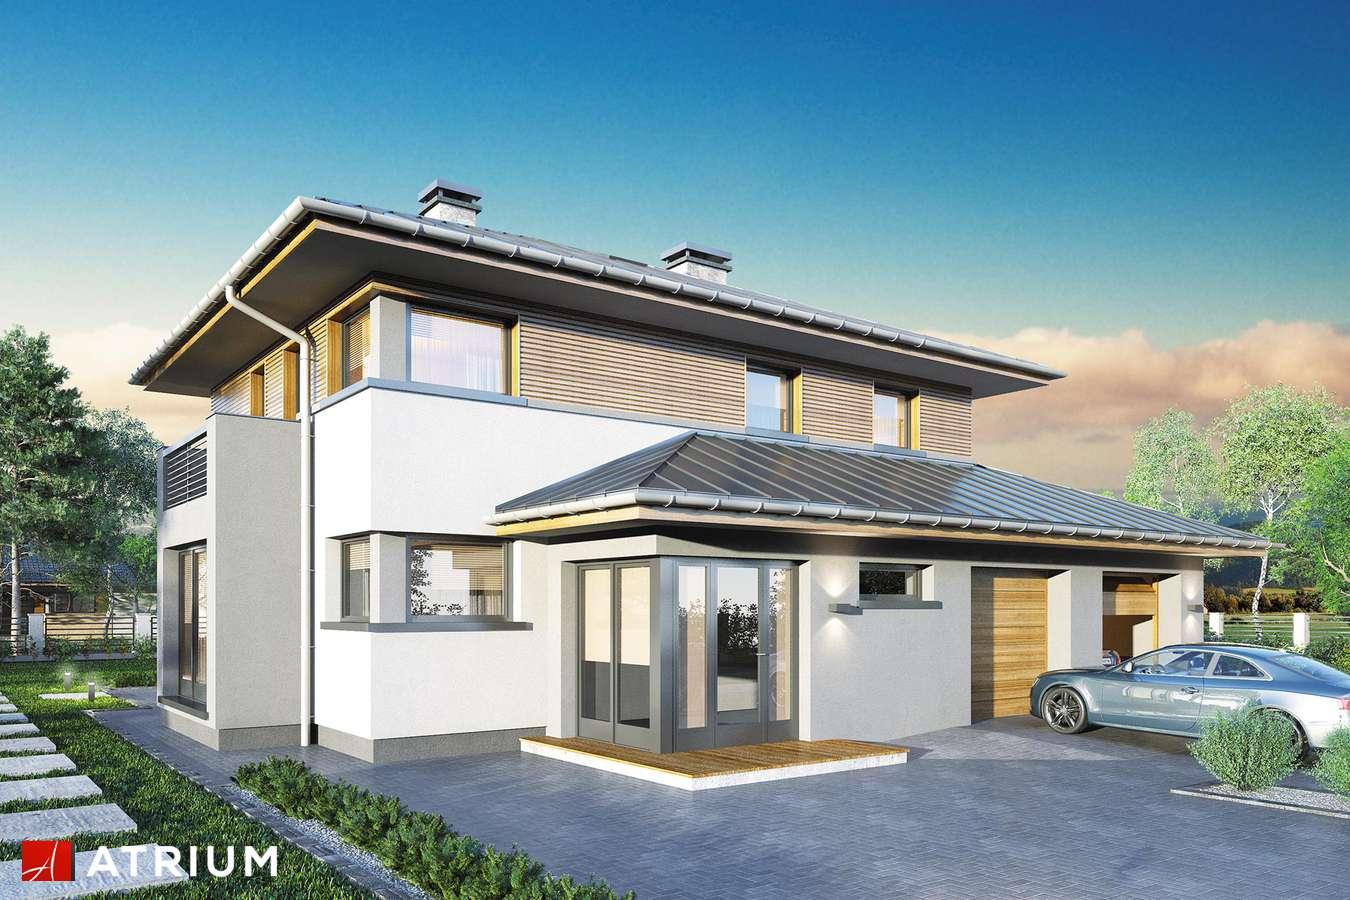 Projekty domów - Projekt domu piętrowego SIENA II - wizualizacja 2 - wersja lustrzana